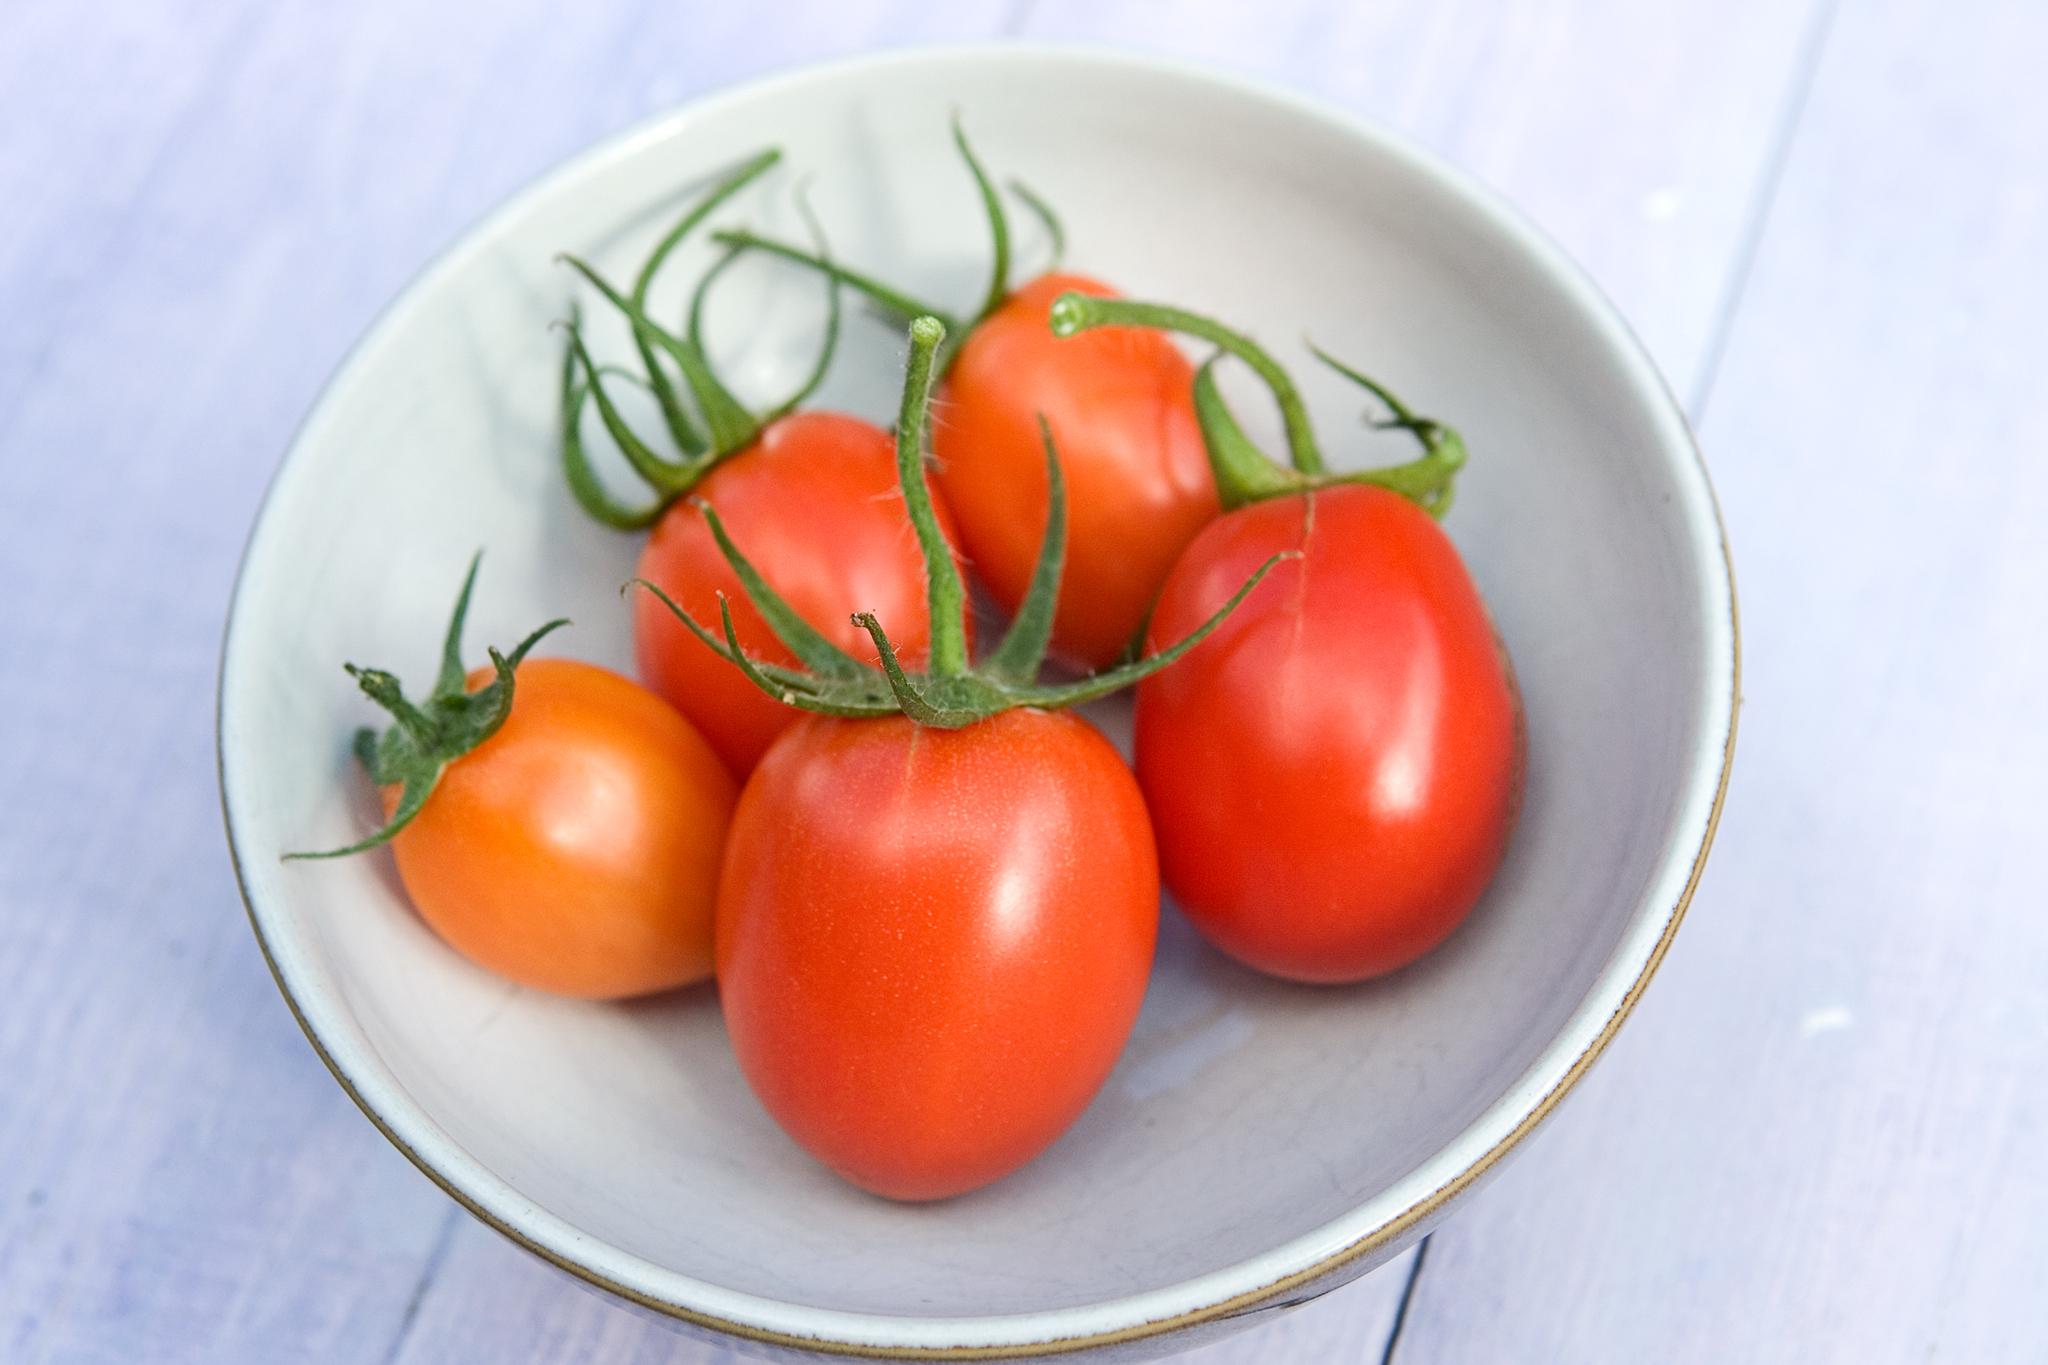 tomato-rio-grande-2